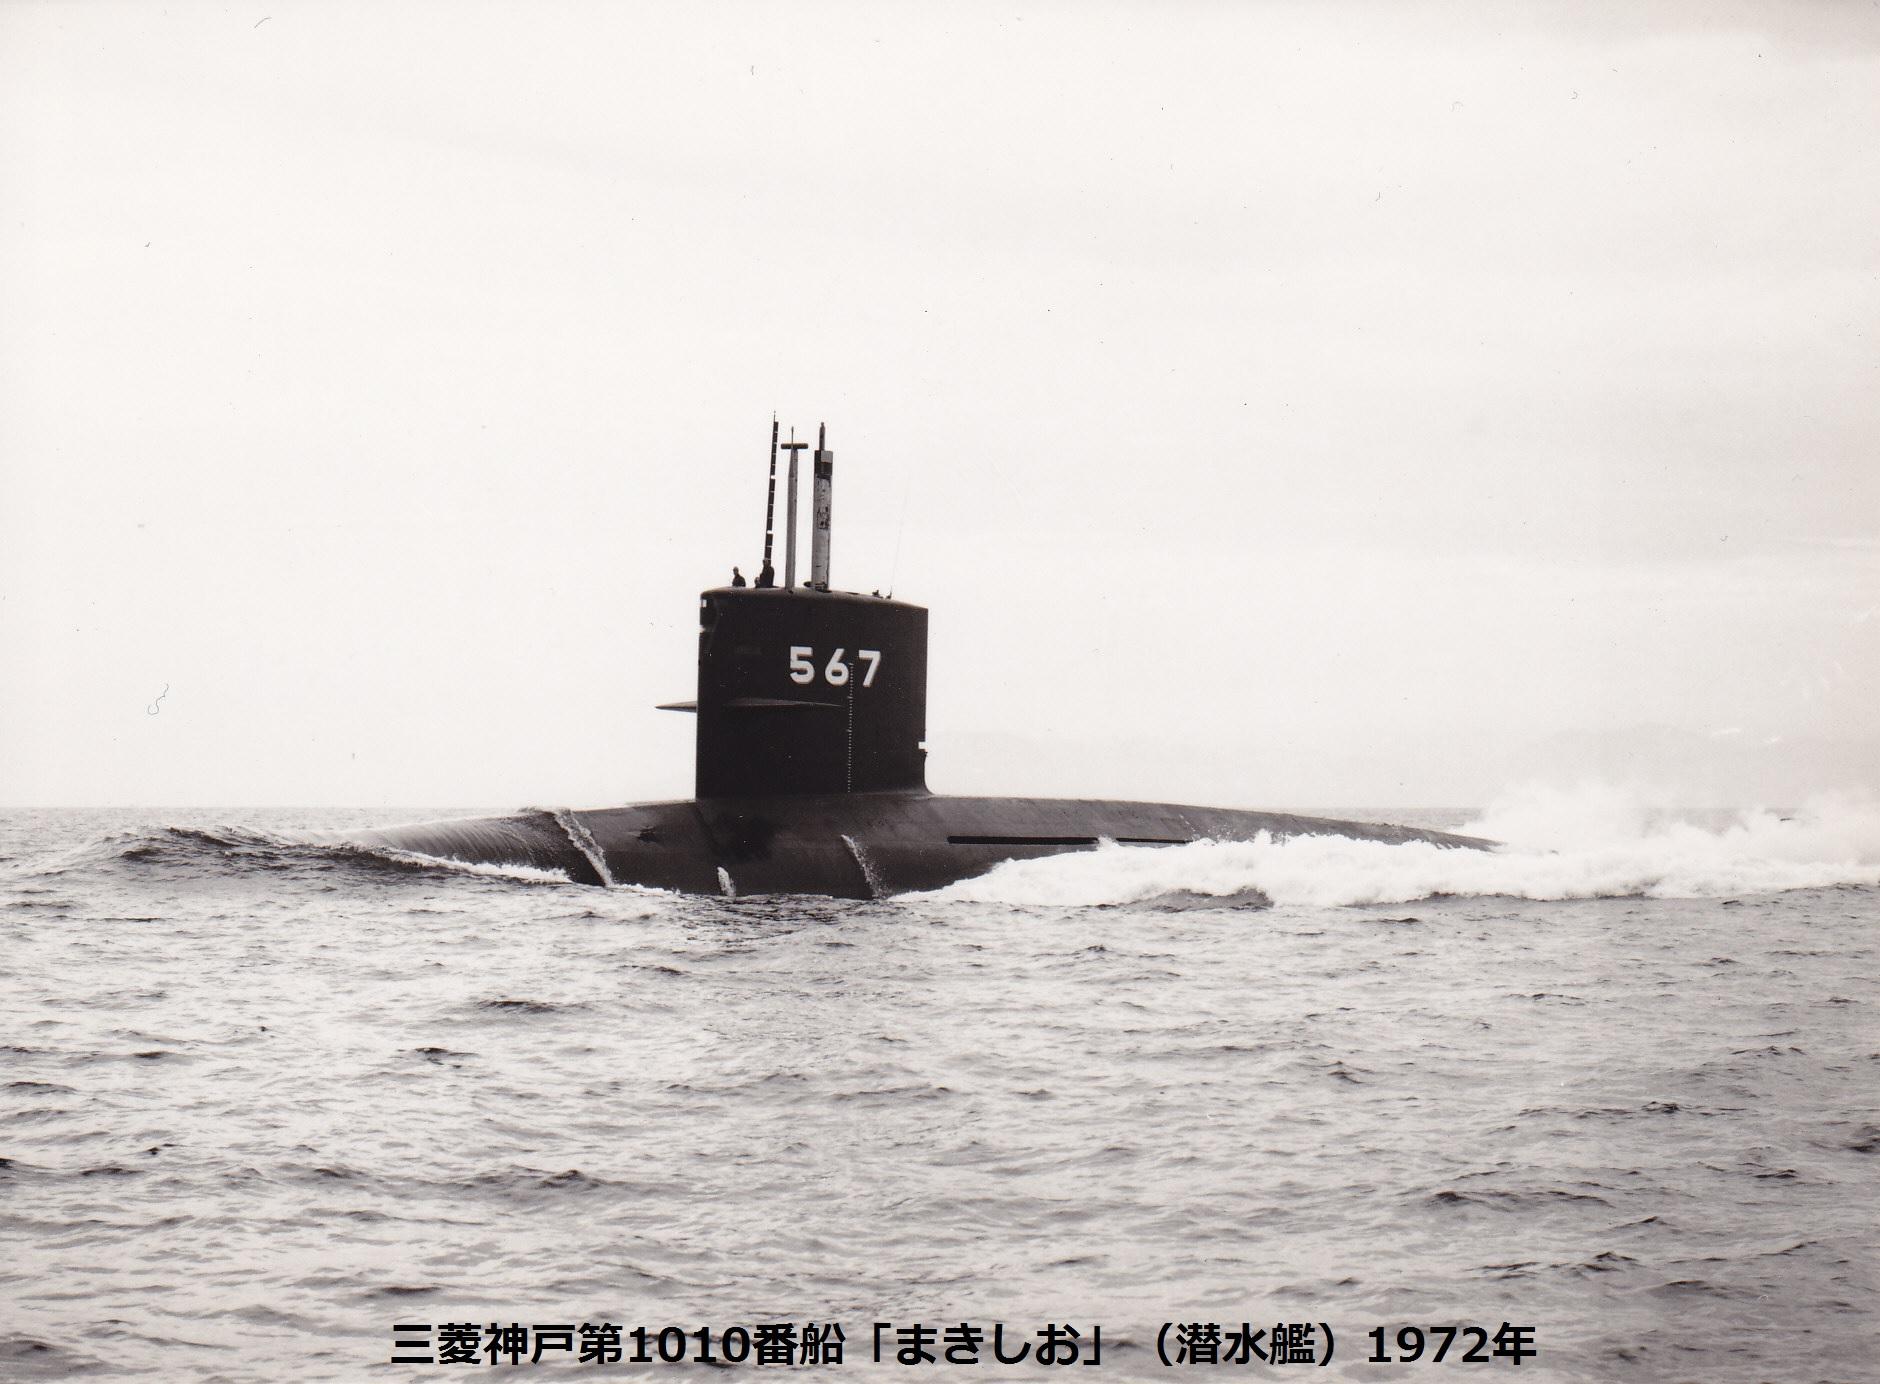 三菱神戸建造船完成写真(その3) | デジタル造船資料館